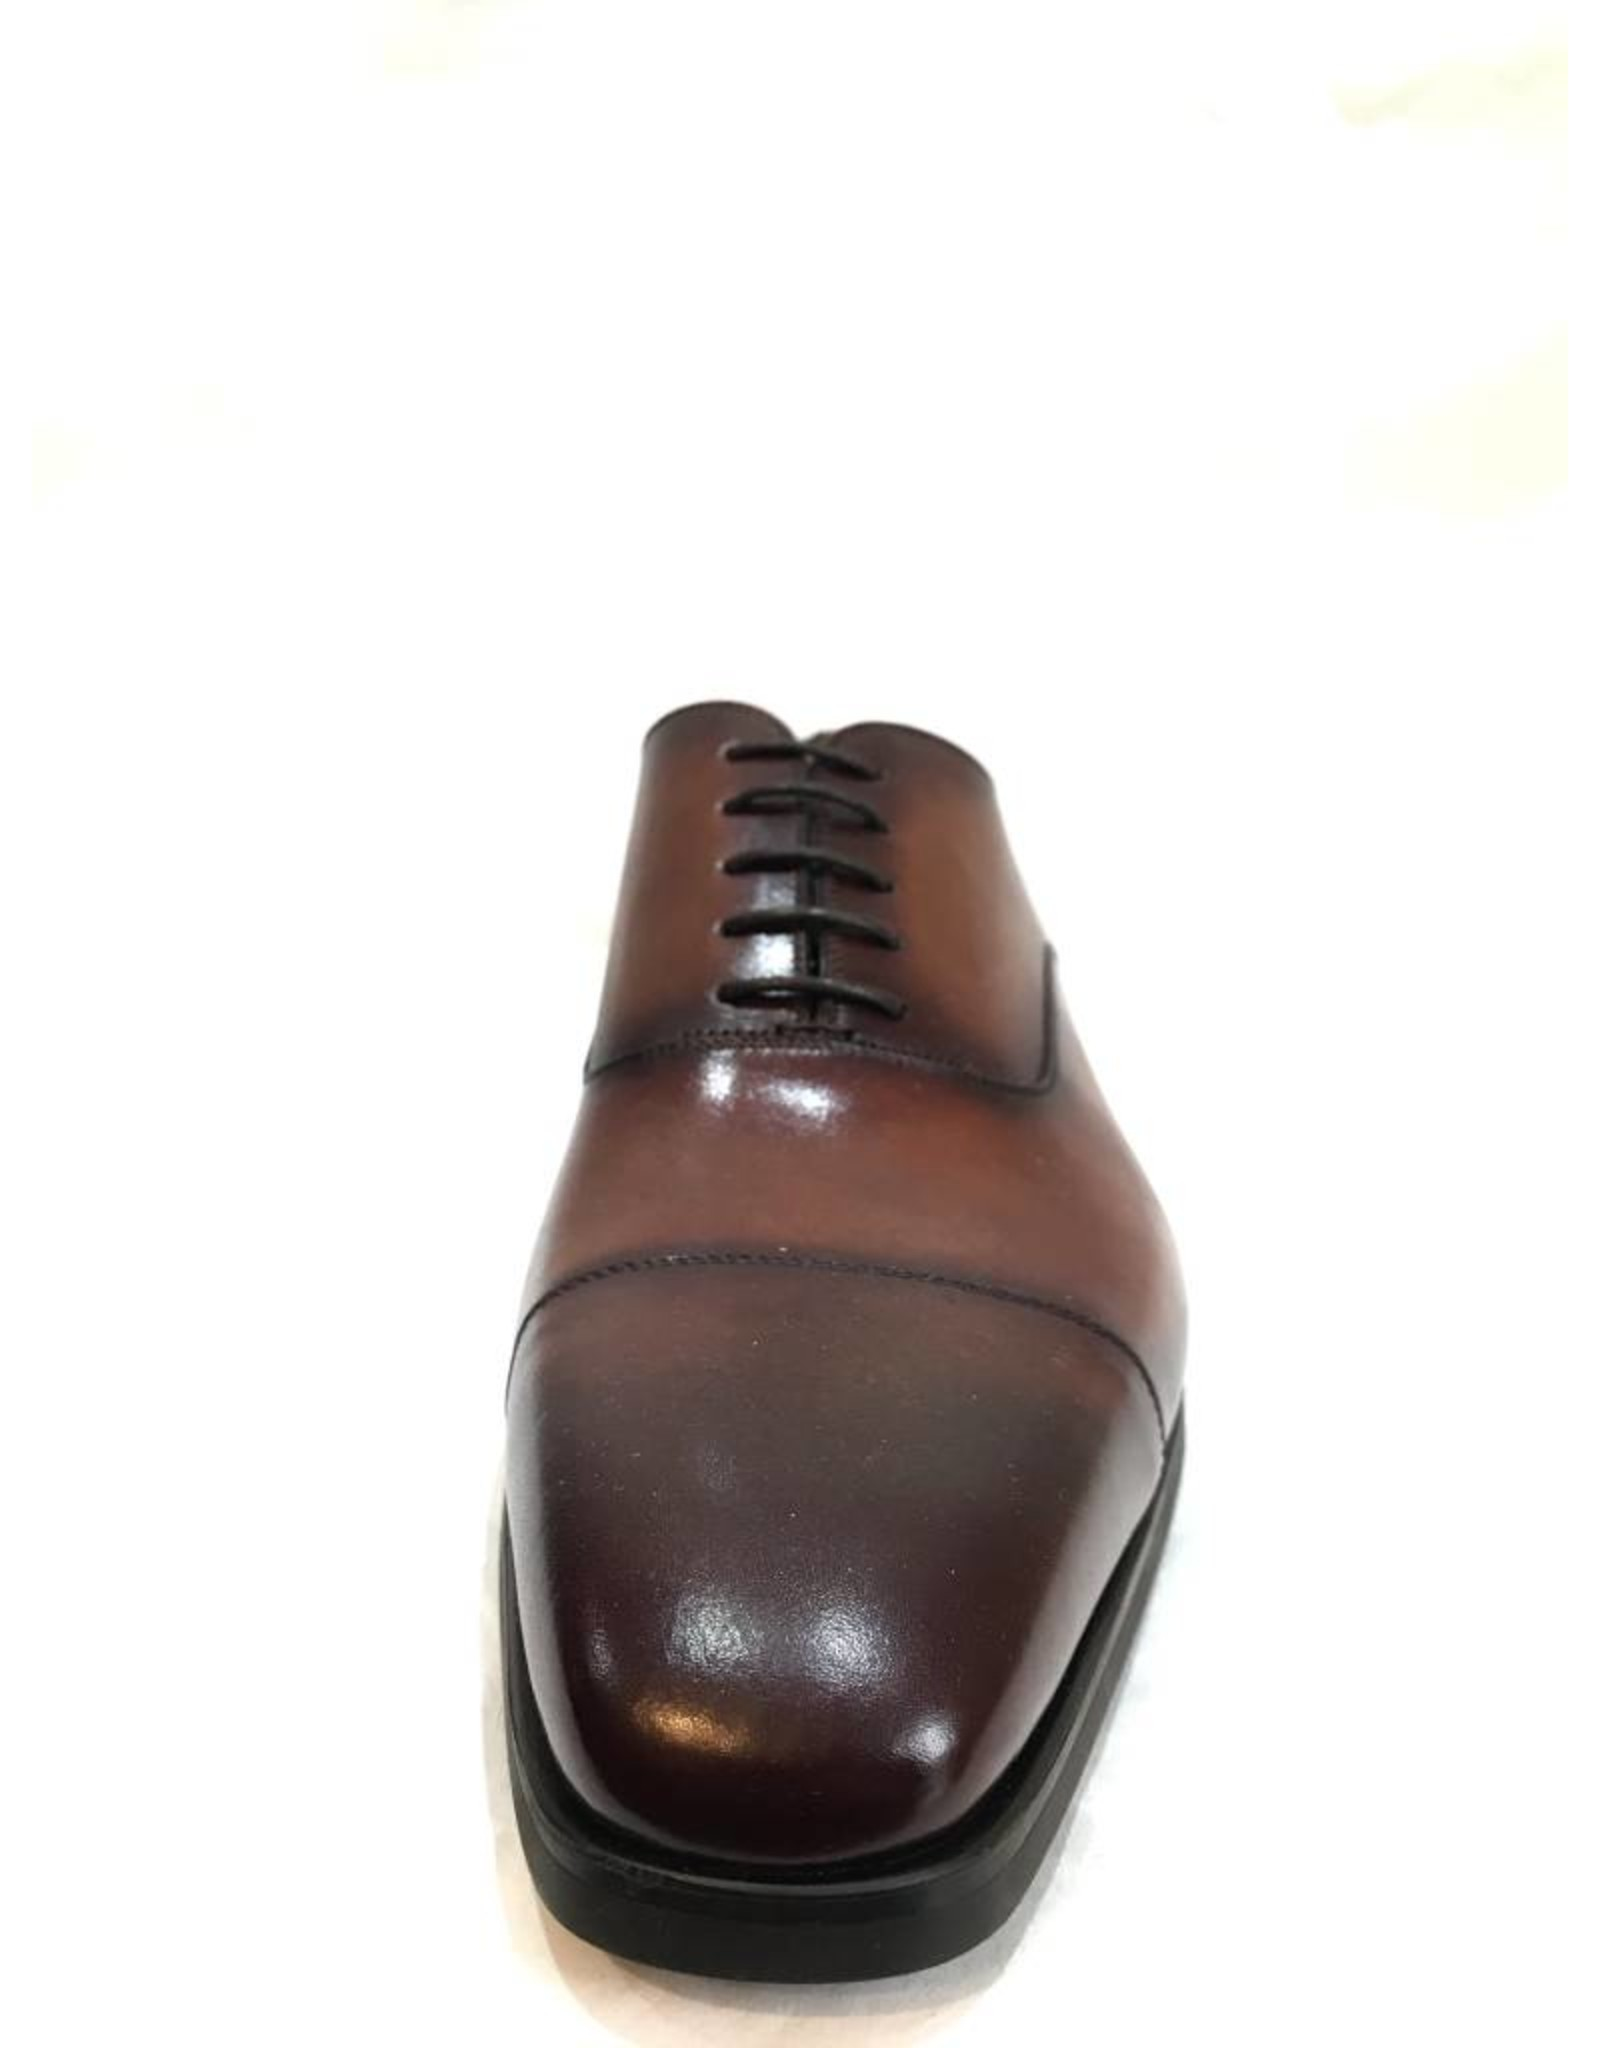 Magnanni Flexisole Shoe